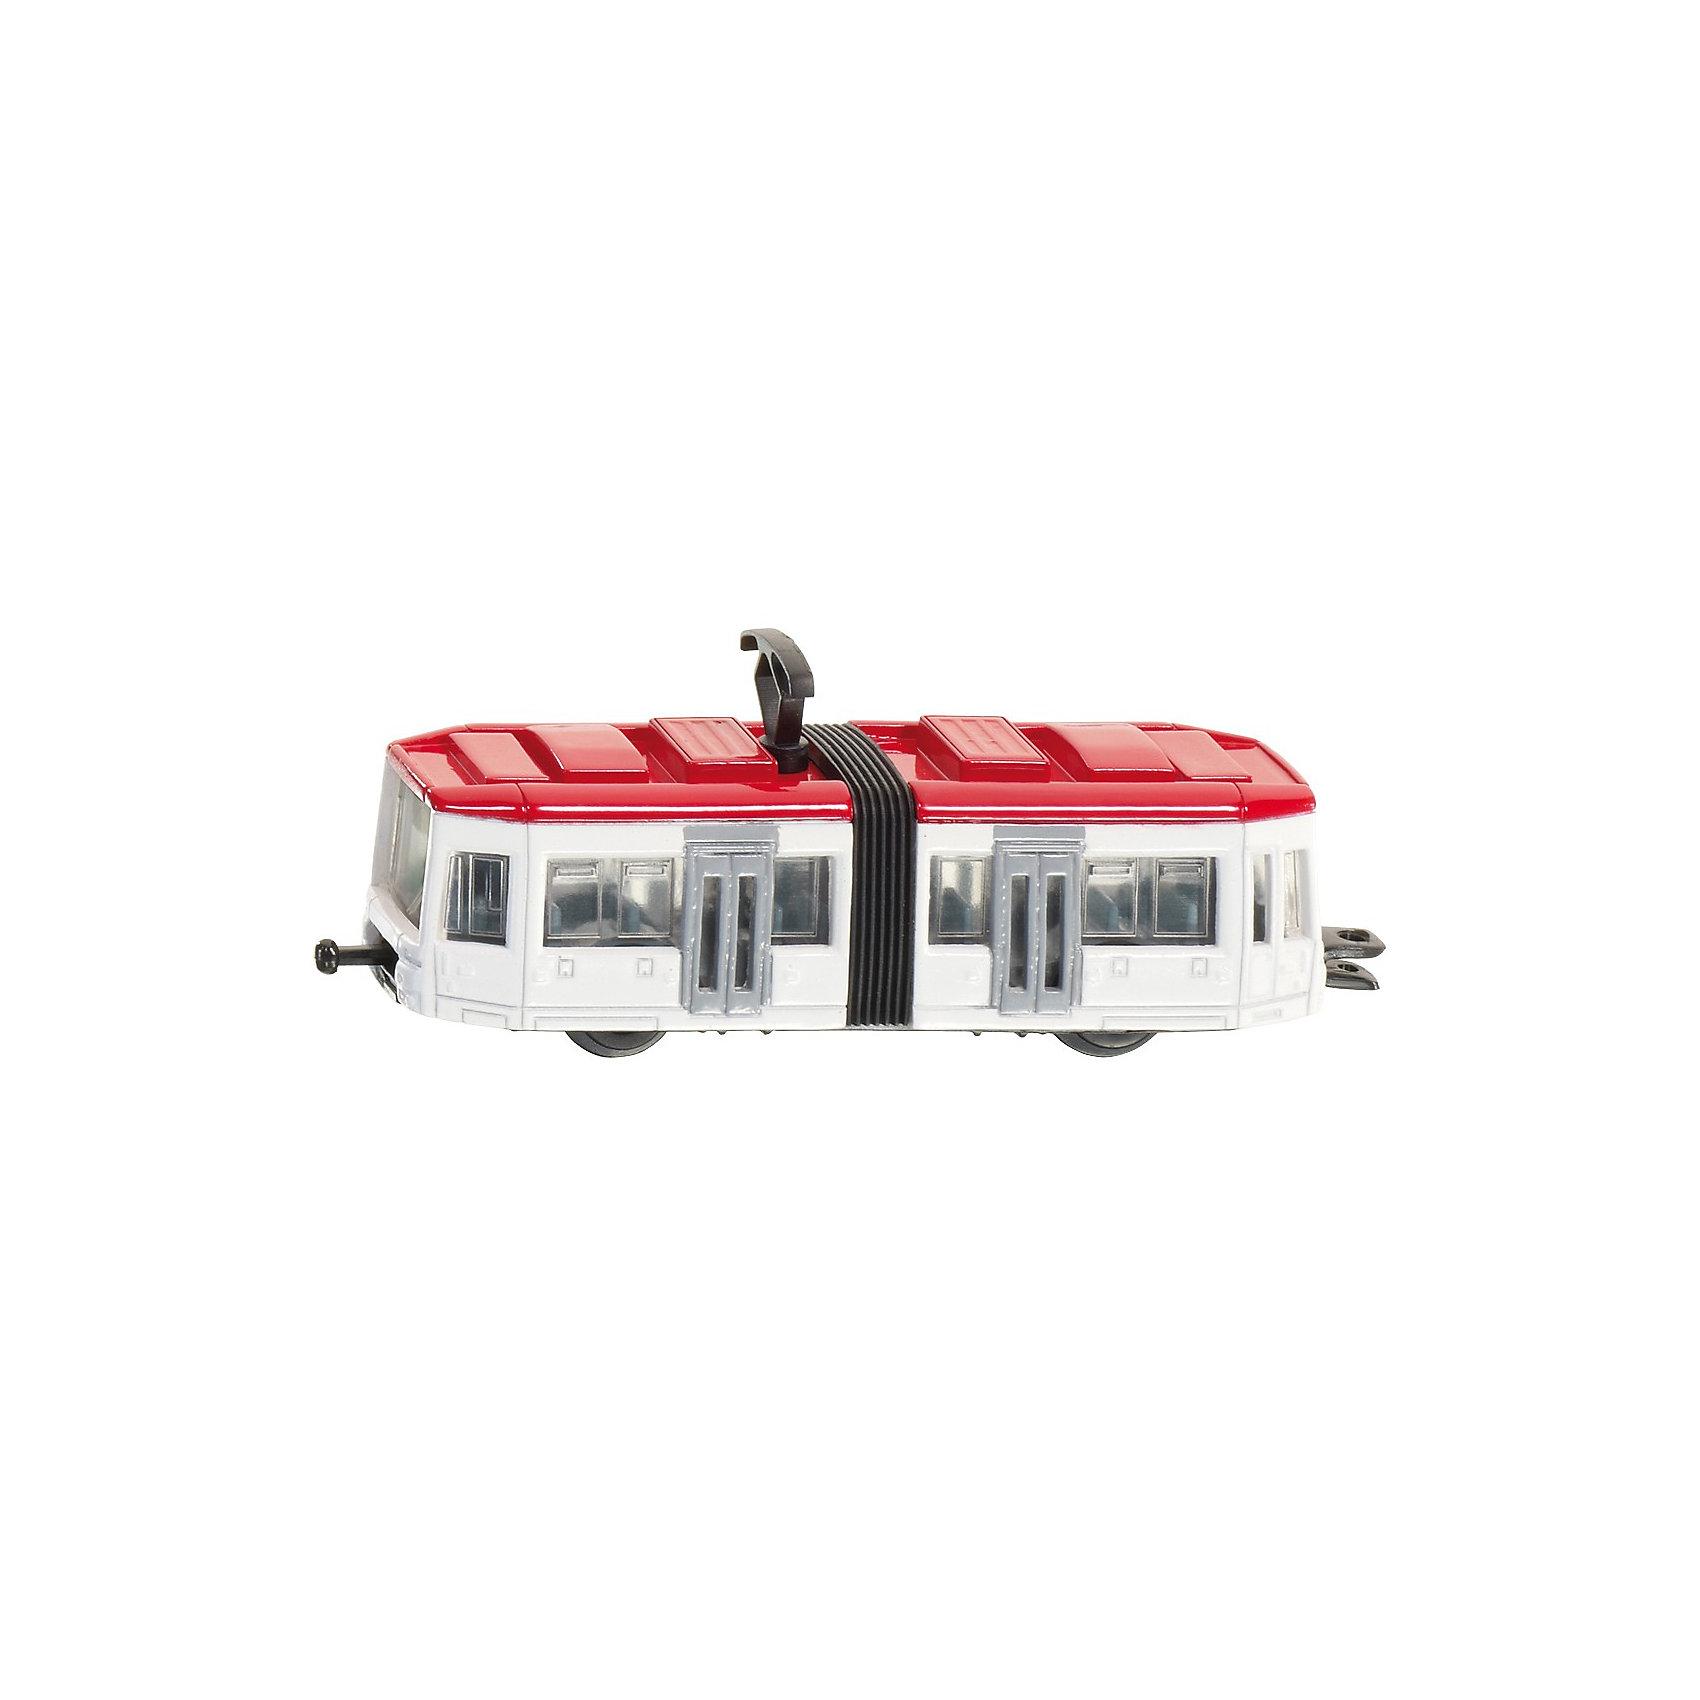 SIKU 1011 ТрамвайТрамвай, Siku, станет прекрасным пополнением коллекции юного любителя техники. Модель выполнена в масштабе 1:78 и отличается высокой степенью детализации и тщательной проработкой всех элементов. Трамвай состоит из двух частей соединенных в середине гармошкой, через прозрачные пластиковые окна хорошо просматривается салон с пассажирскими сиденьями, колеса вращаются. Корпус и колесные оси модели выполнены из металла, остальные детали изготовлены из ударопрочной пластмассы. Трамвай оснащен стандартным сцеплением, которое позволяет присоединять другие трамваи этого масштаба.   <br><br>Дополнительная информация:<br><br>- Материал: металл, пластик.<br>- Масштаб: 1:87.<br>- Размер: 8,5 x 2,1 x 3,3 см.<br>- Вес: 95 гр. <br><br> 1011 Трамвай, Siku, можно купить в нашем интернет-магазине.<br><br>Ширина мм: 95<br>Глубина мм: 78<br>Высота мм: 25<br>Вес г: 52<br>Возраст от месяцев: 36<br>Возраст до месяцев: 96<br>Пол: Мужской<br>Возраст: Детский<br>SKU: 2437464